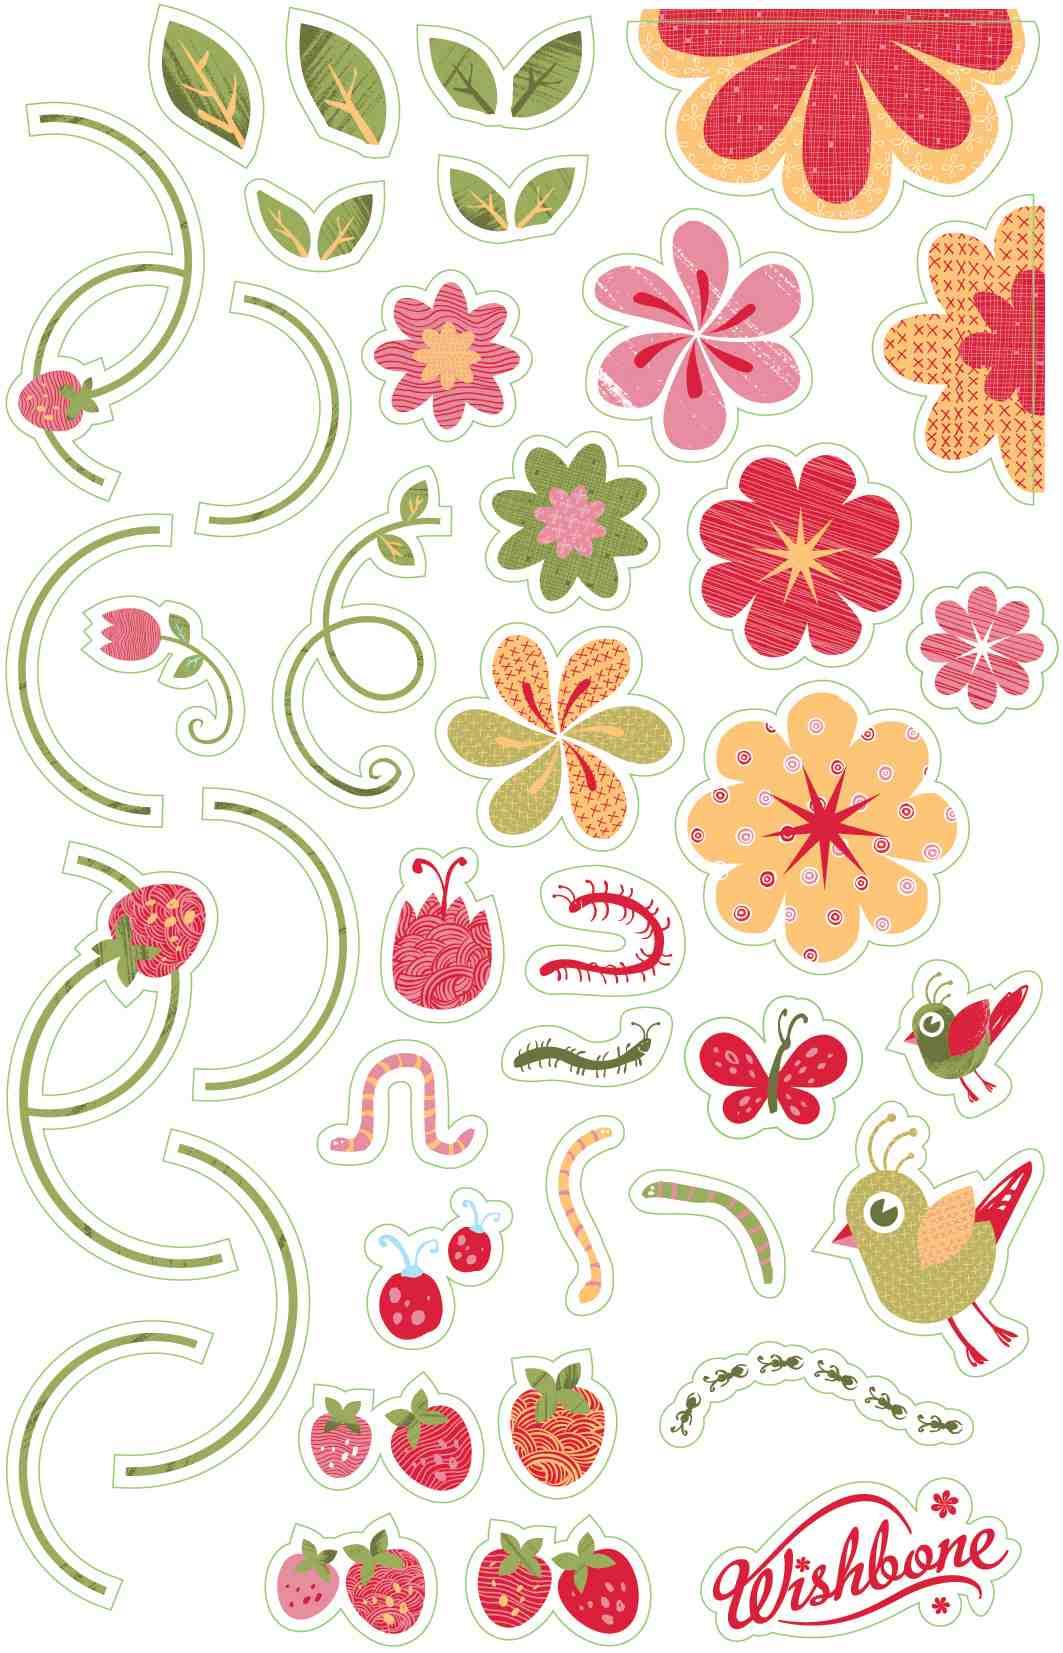 Dessins en couleurs imprimer fleurs num ro 21208 - Dessin de fleur en couleur ...